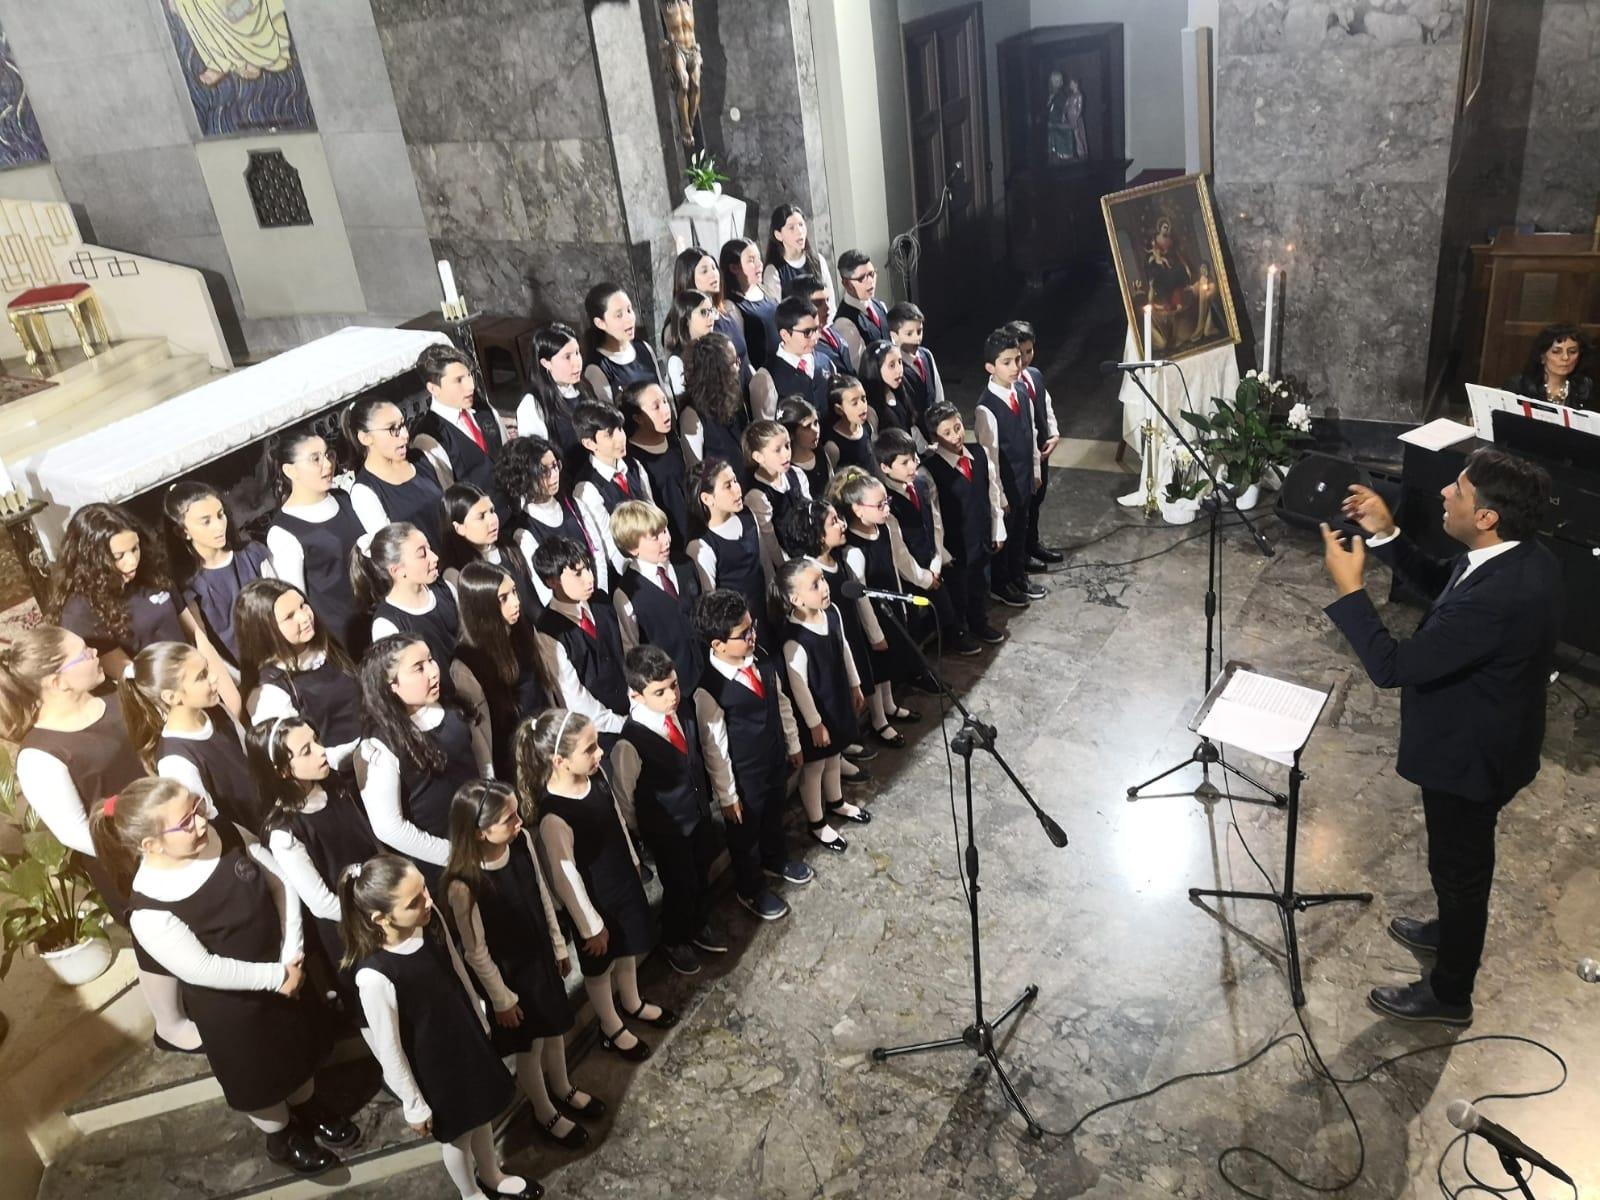 Musica, Caridi guiderà le voci bianche e i cori scolastici di Reggio Calabria